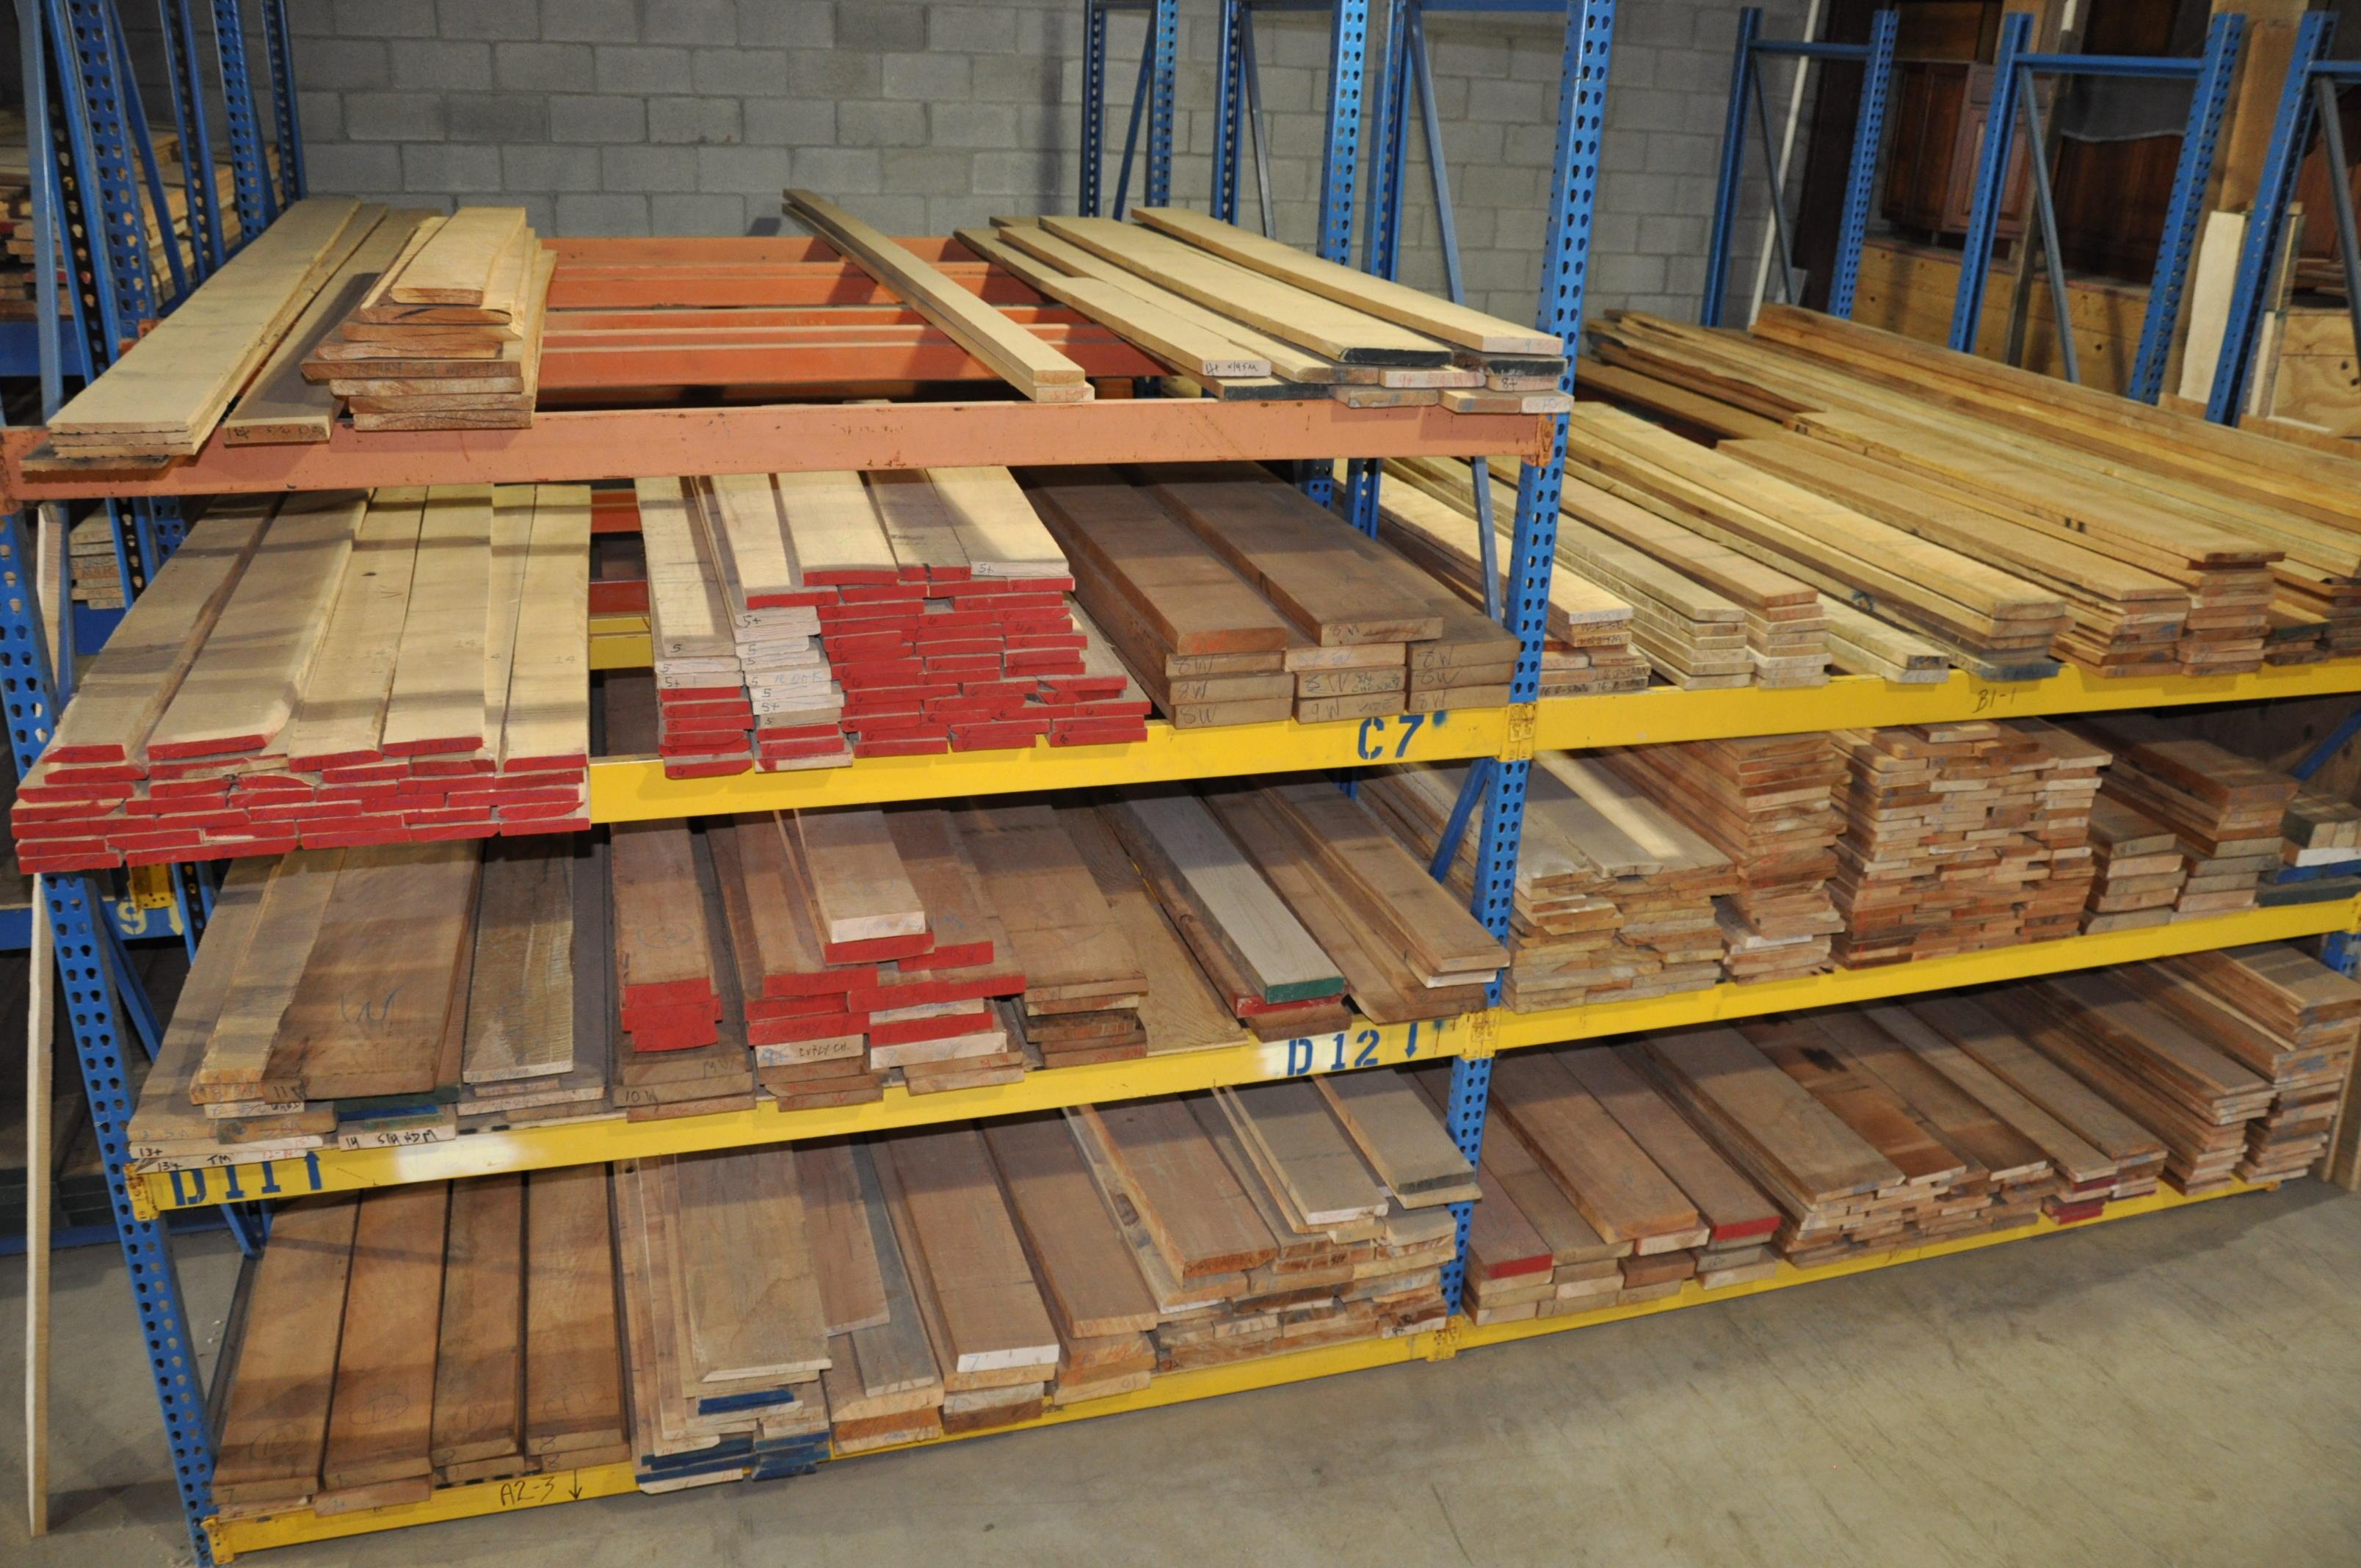 Modern Lumber Is Racked Our Convenient Johnson Lumber Self Serve Lumber Cass City Mi Self Serve Lumber Chesaning houzz-03 Self Serve Lumber